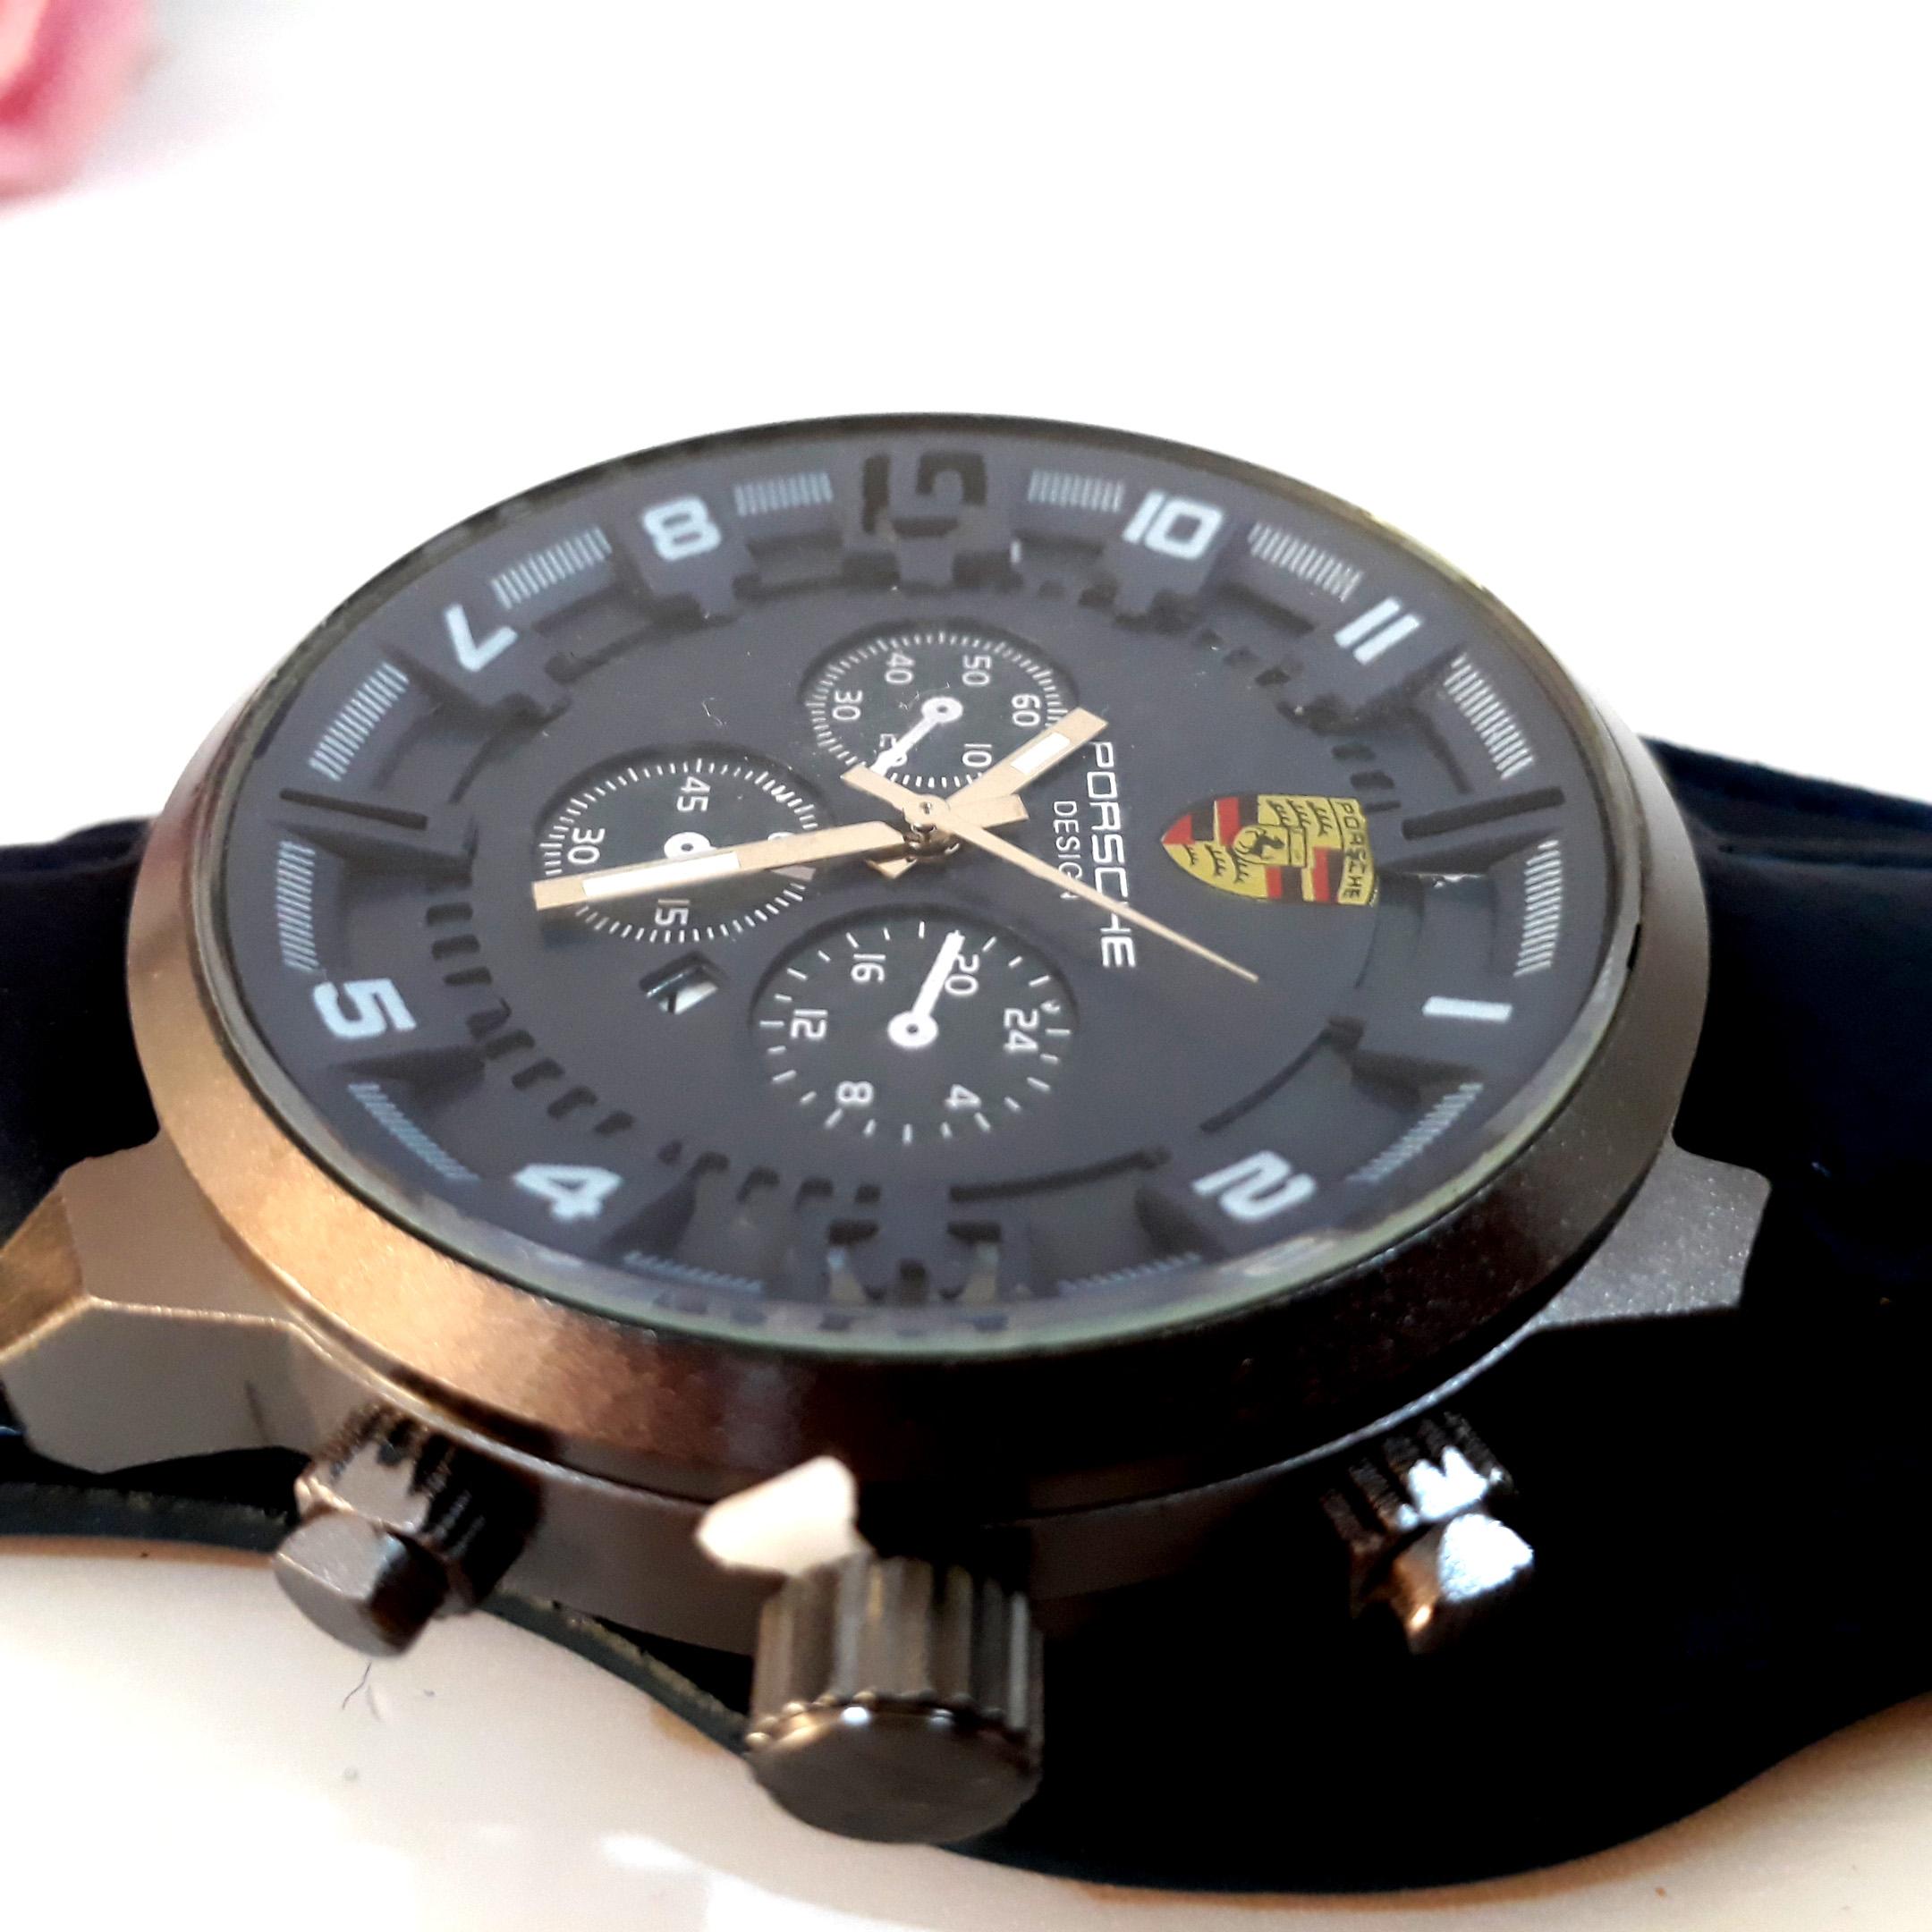 ساعت مچی عقربهای مردانه پورشه مدل 8117 کد 25              اصل